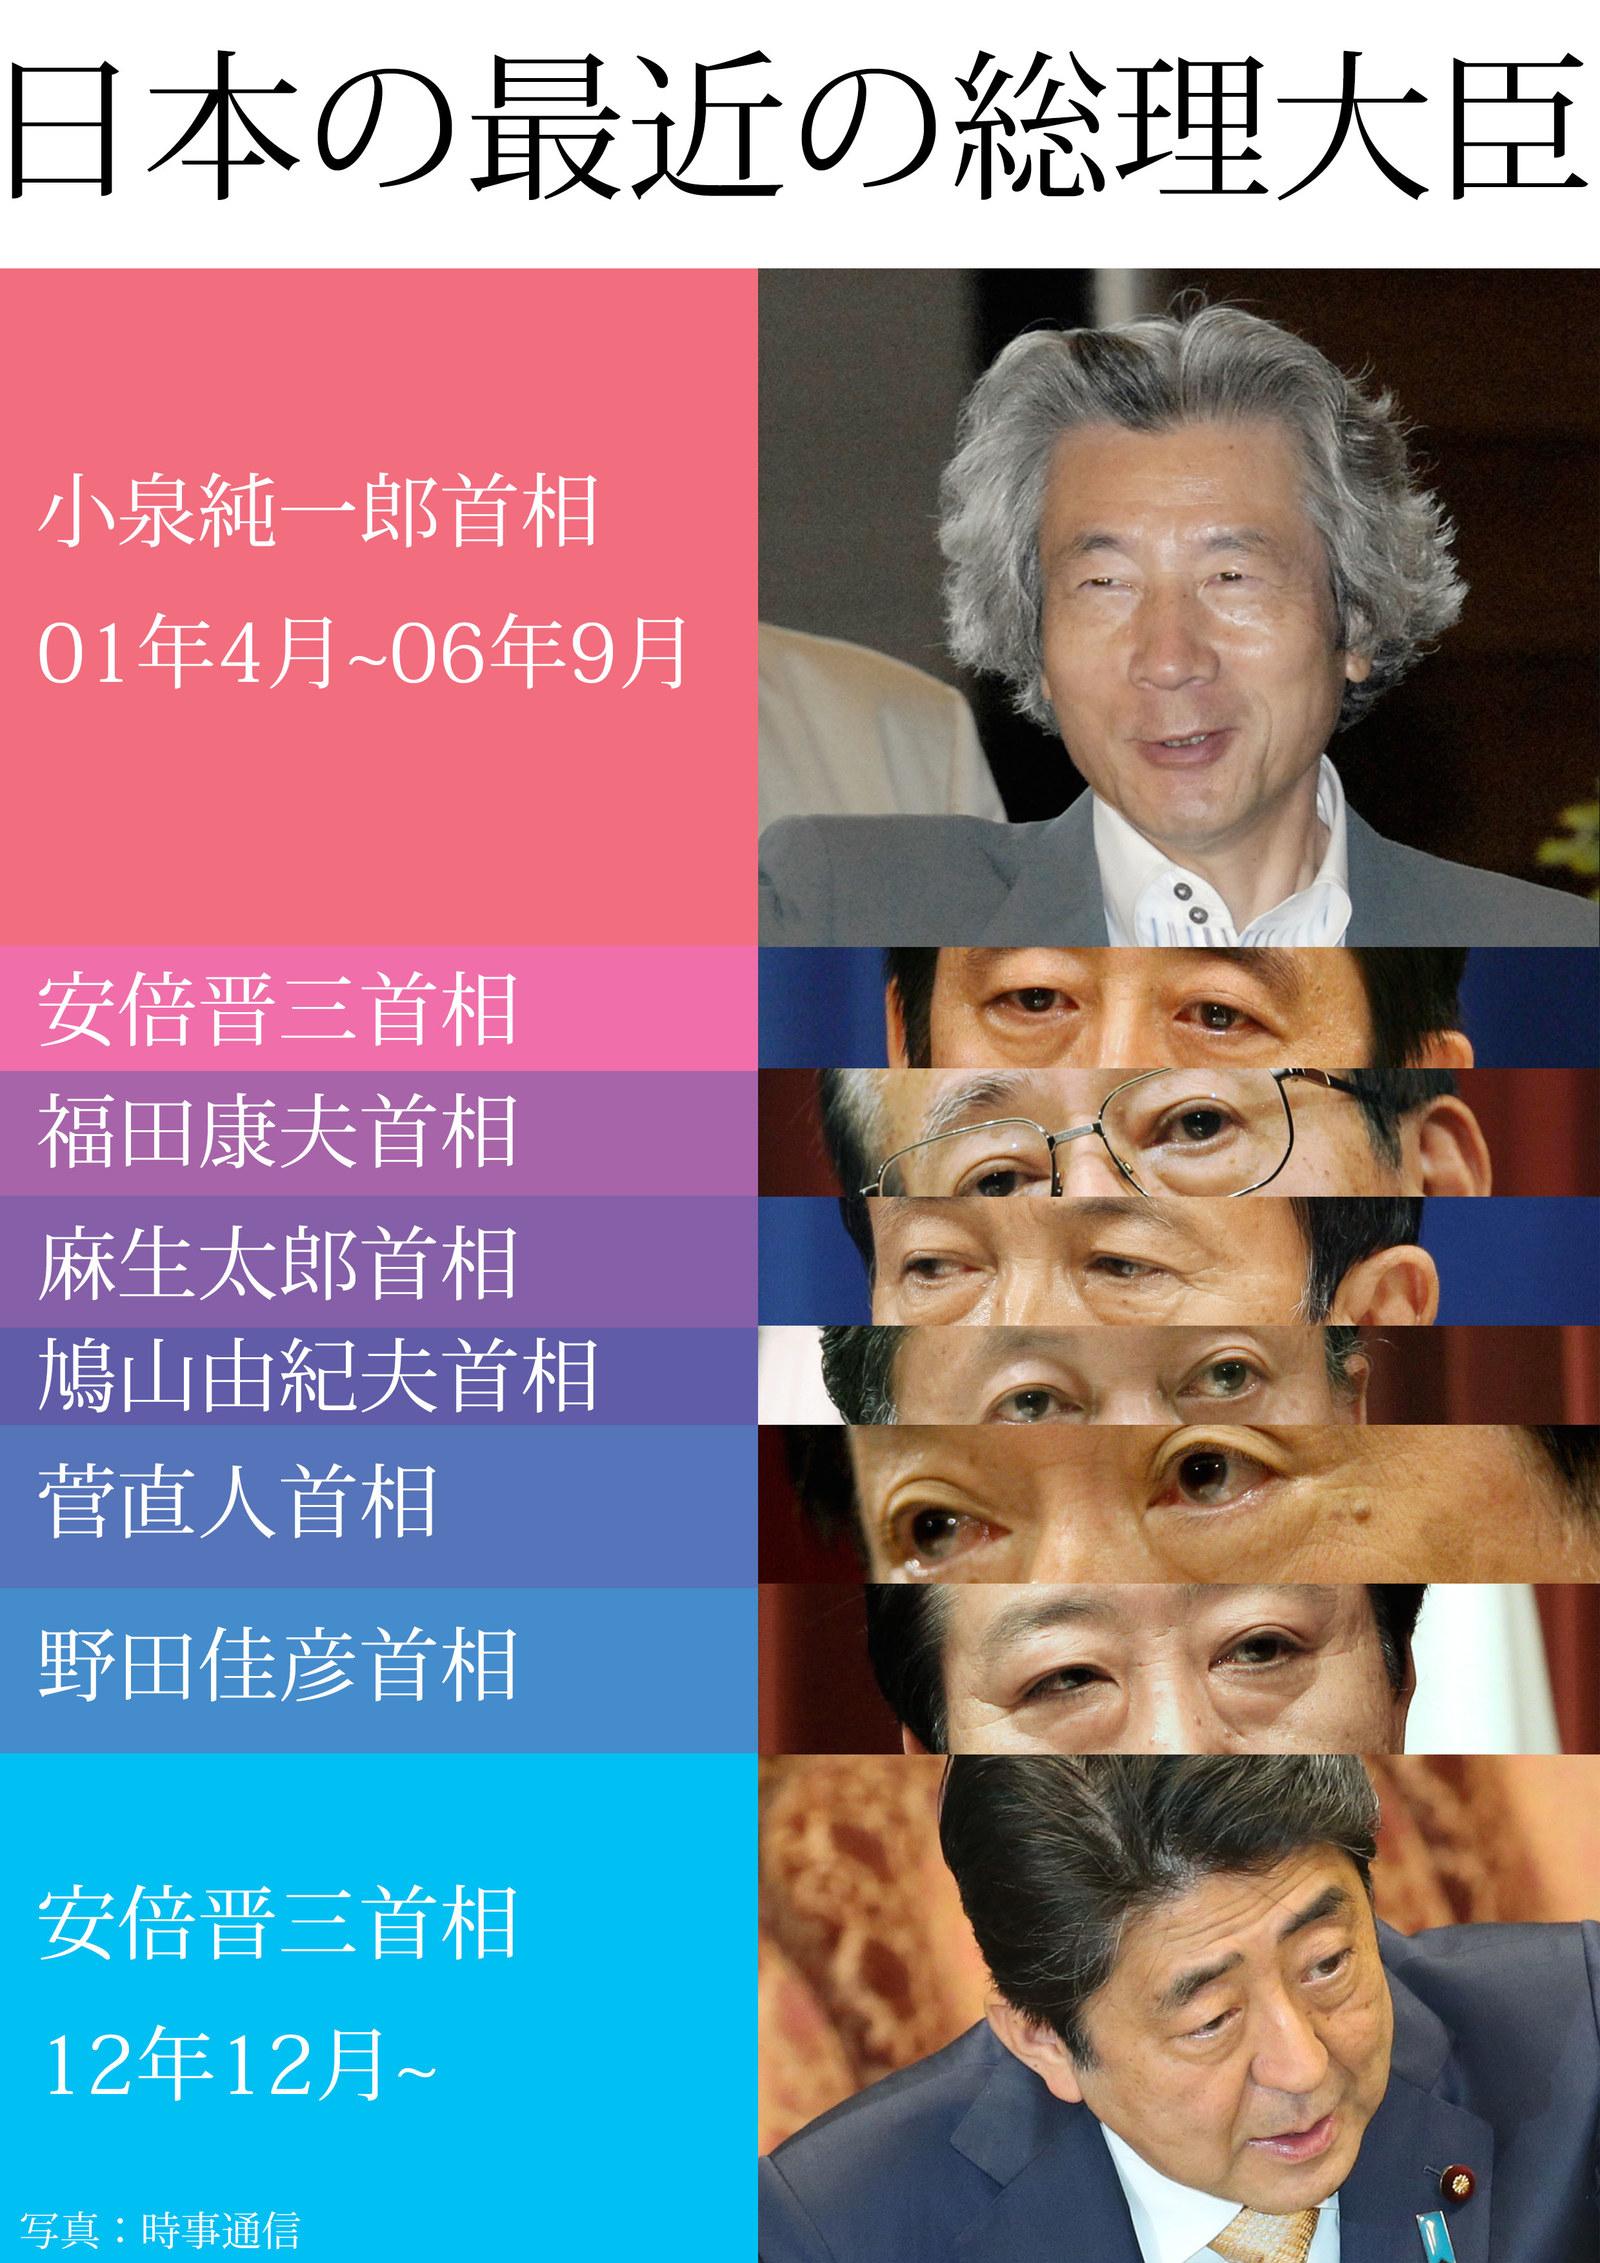 歴代 総理 大臣